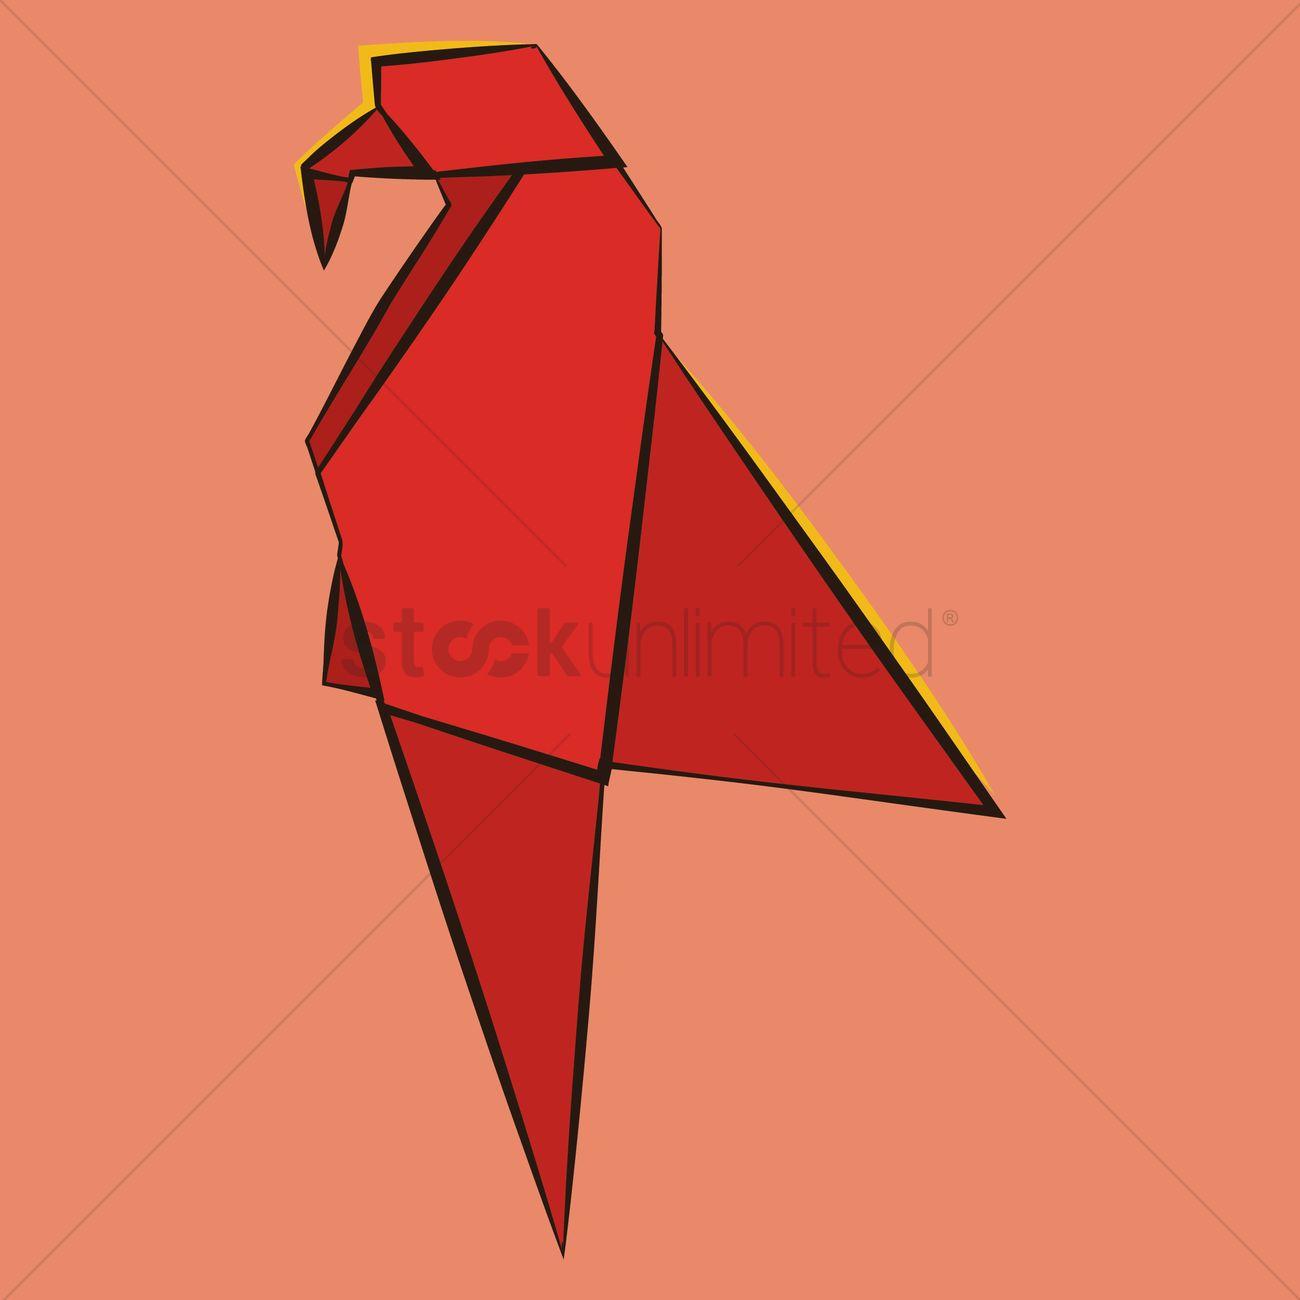 Origami Macaw Parrot by Manuel Sirgo | Cómo hacer origami loro ... | 1300x1300